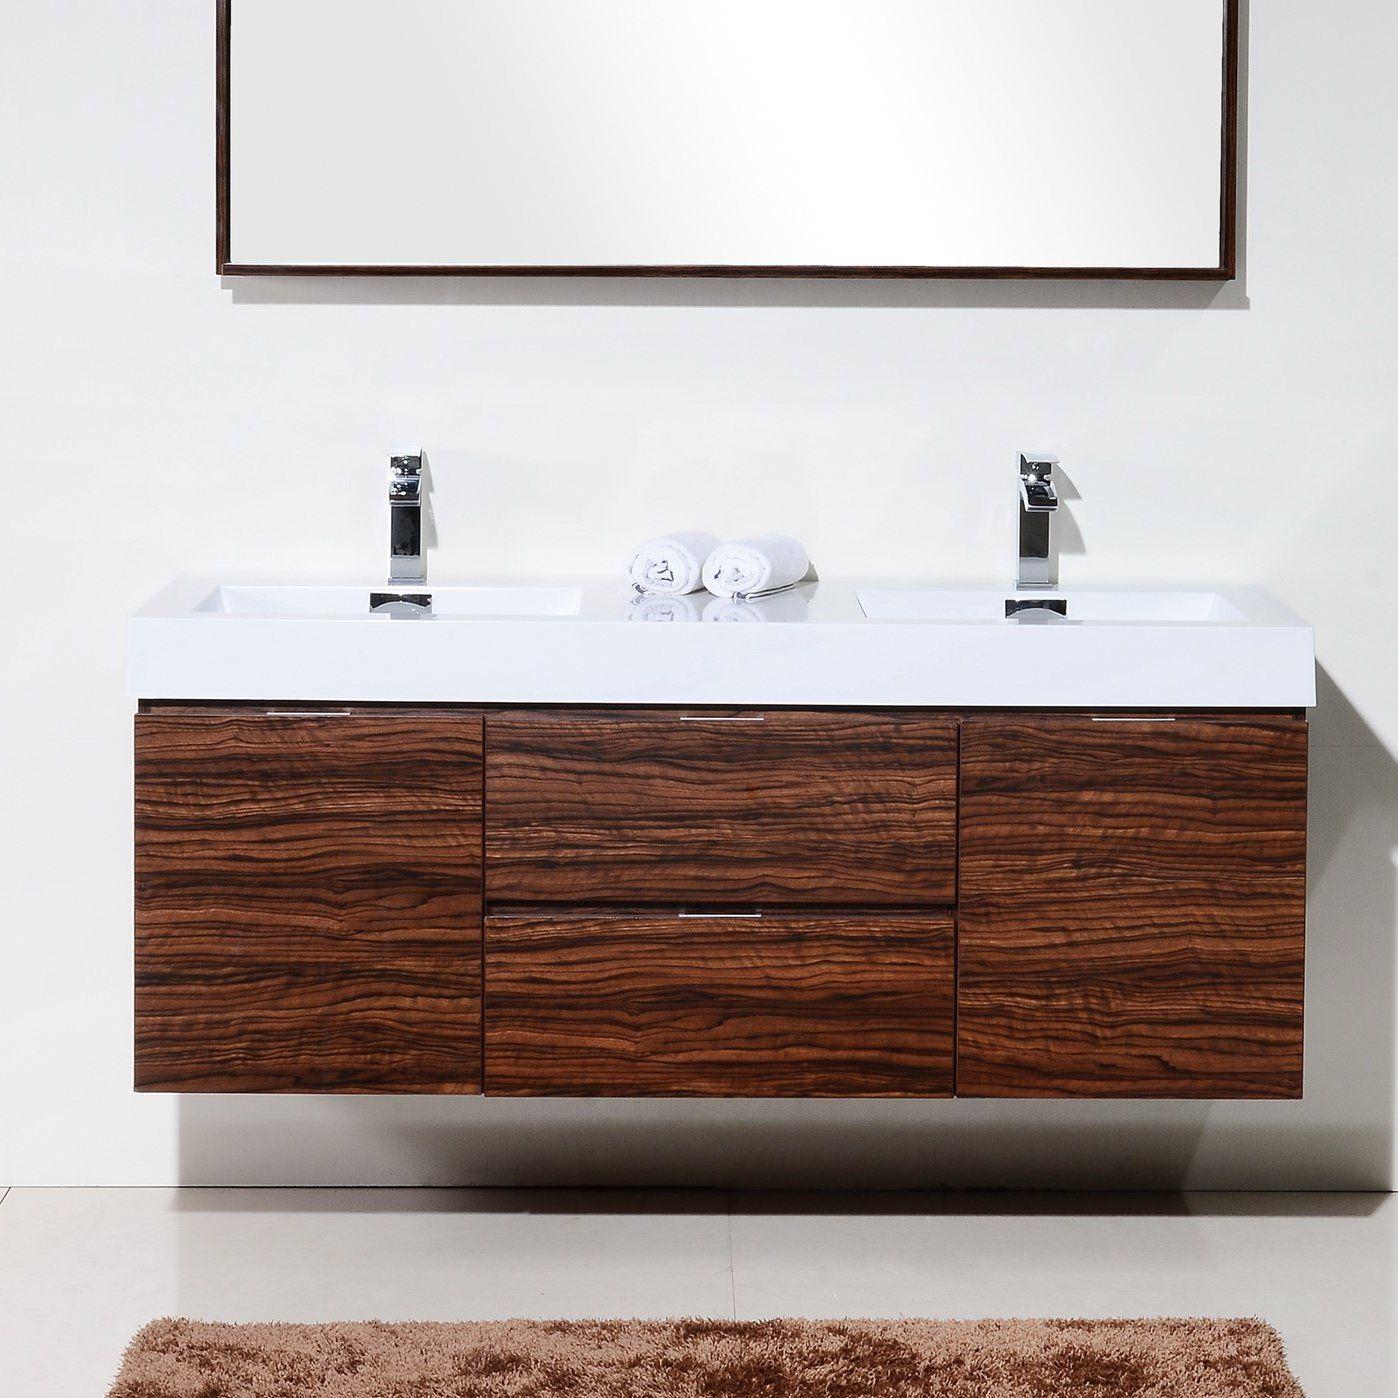 The Tenafly is one of the most elegant modern bathroom vanities ...